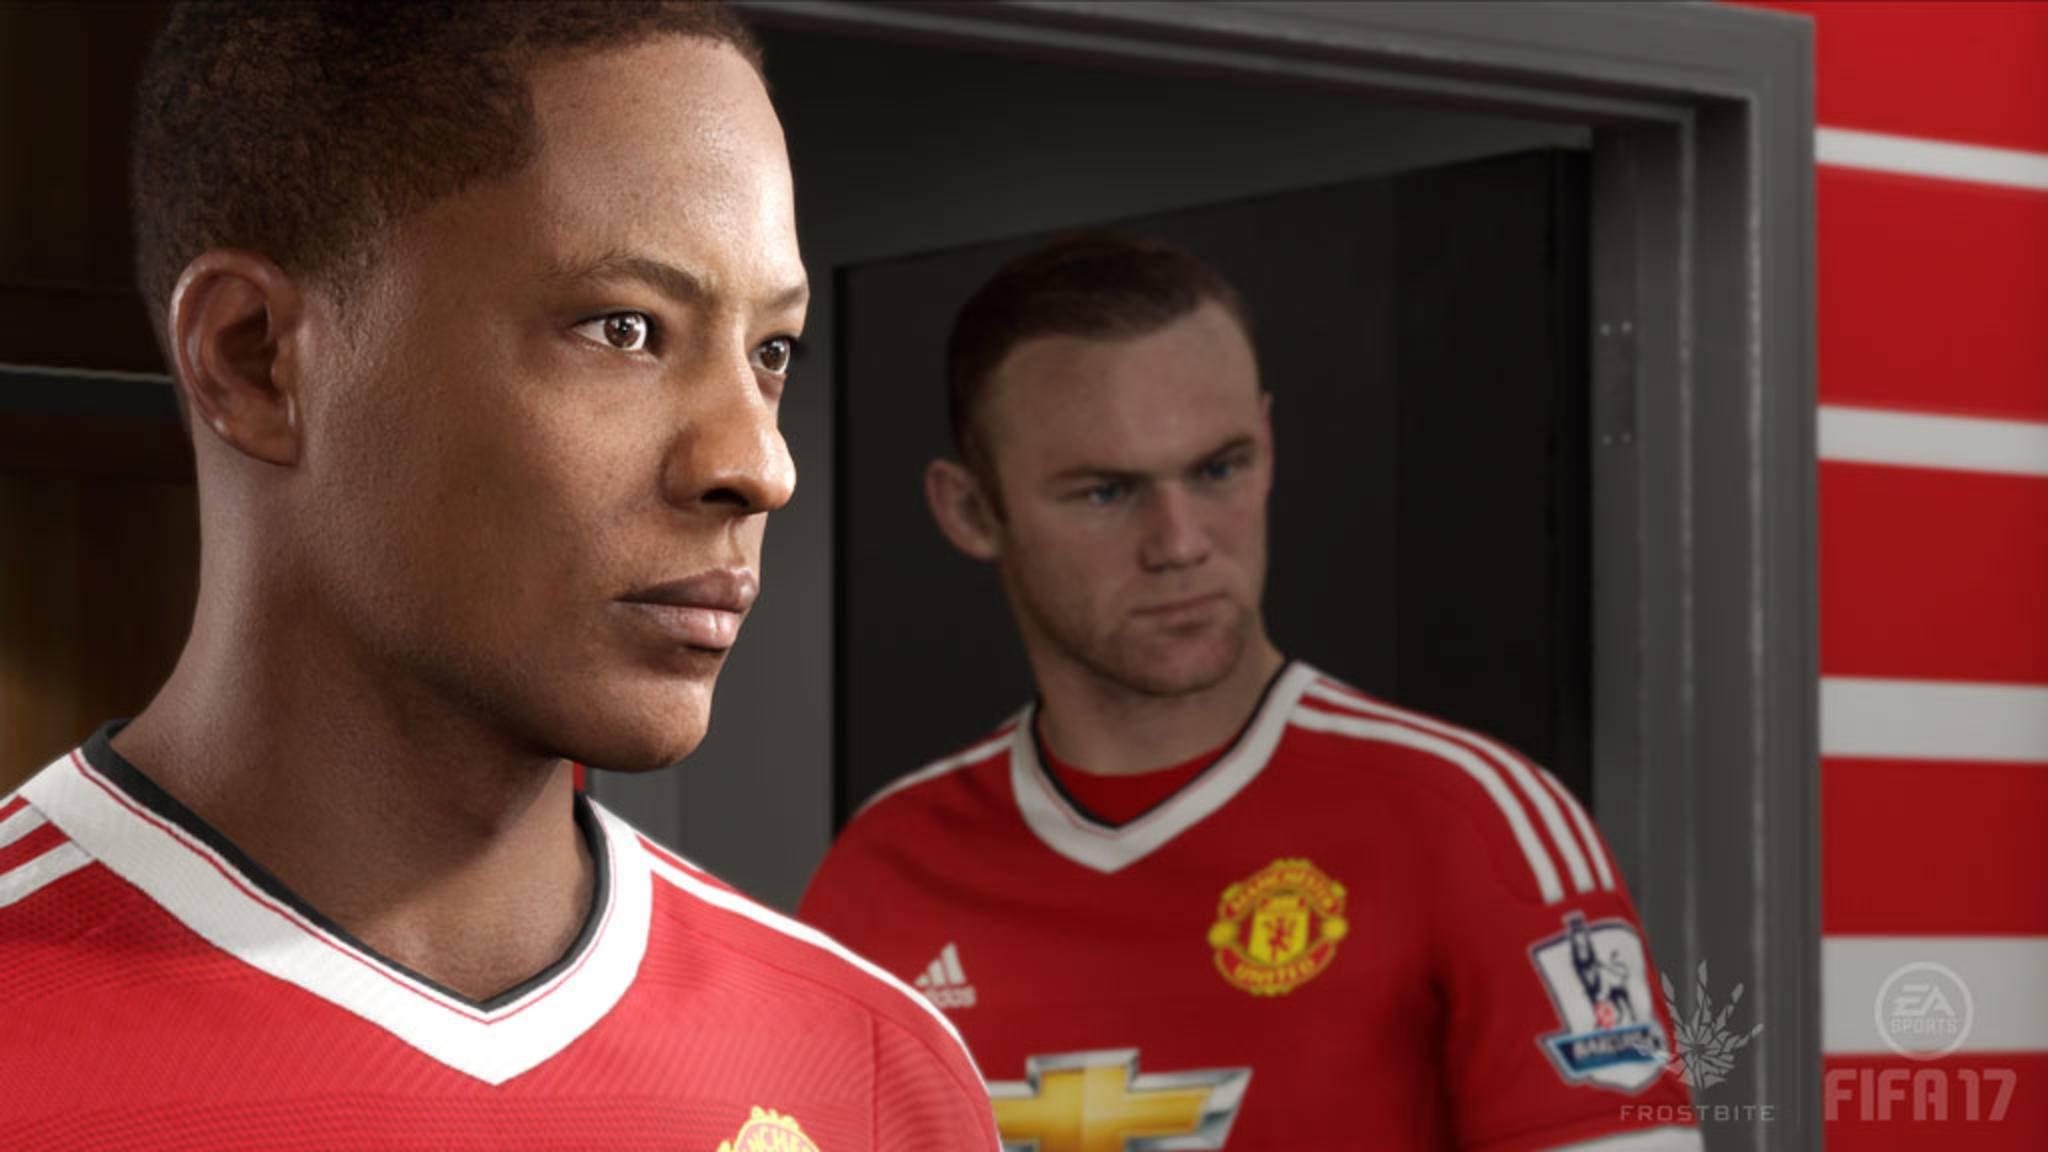 Auch Wayne Rooney weiß: Nur die Leistung entscheidet über Deinen Fortschritt.